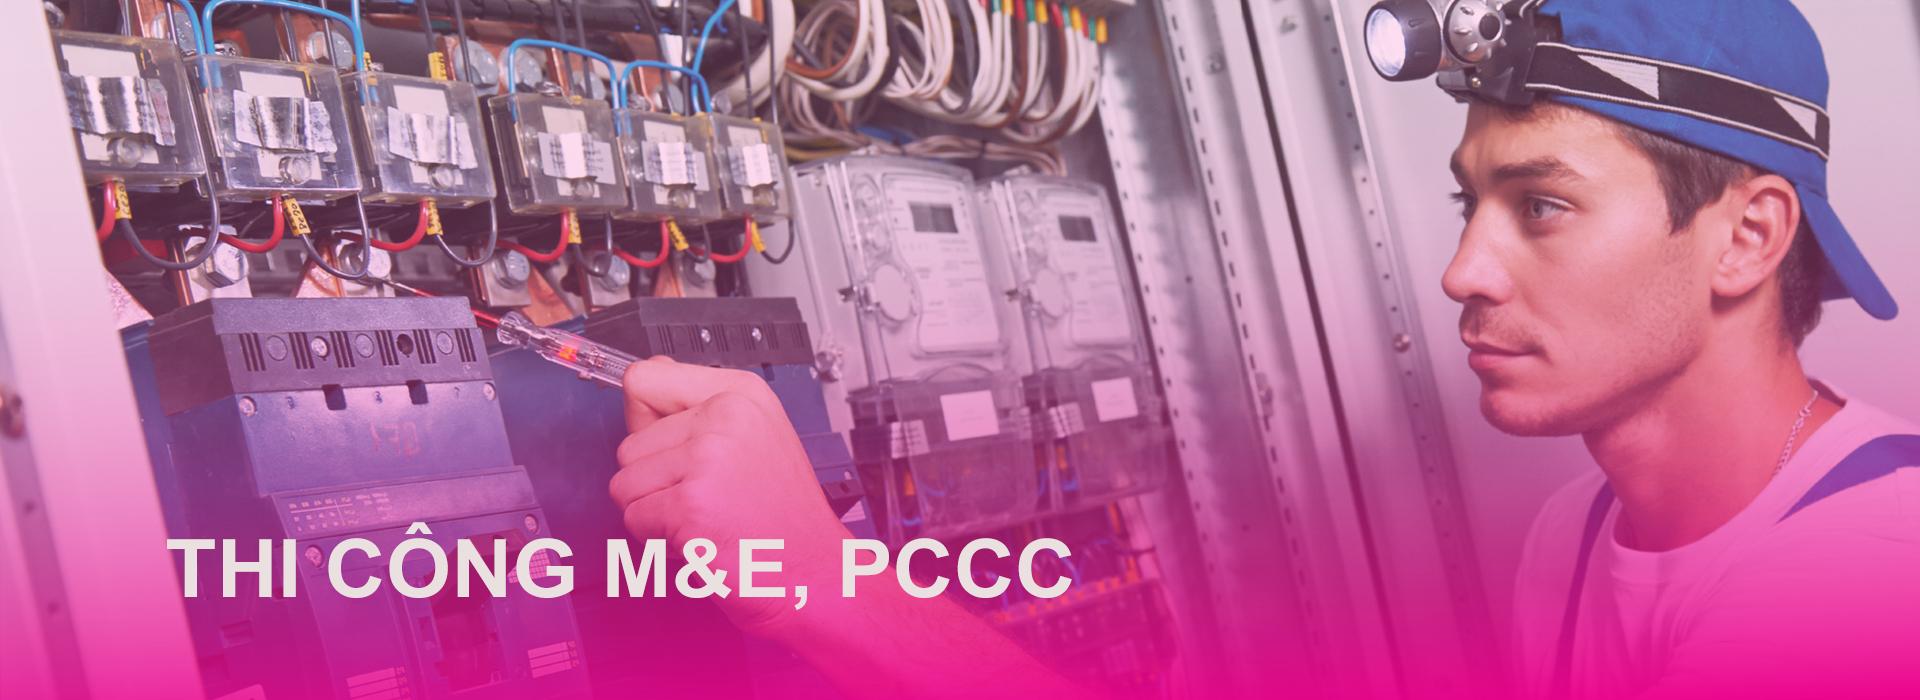 Thi công M&E, PCCC